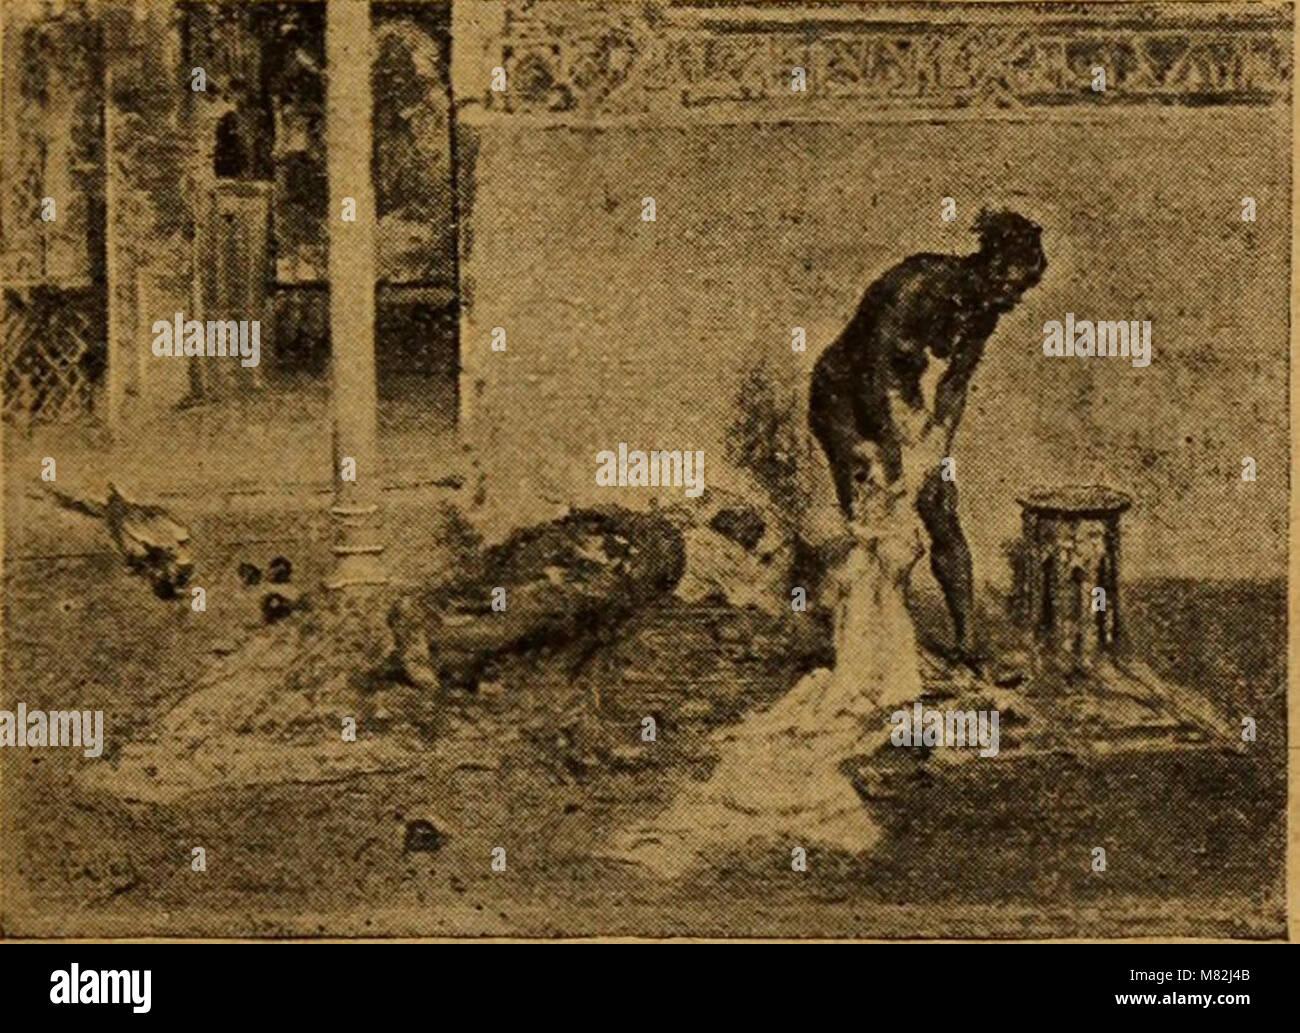 Katalog der Bestände der amerikanischen Kunst Verein absolut durch die Versteigerung des Nachlasses des Verstorbenen R. Austin Robertson zu vereinbaren; Teil 1 (1892) (14589700199) Stockfoto